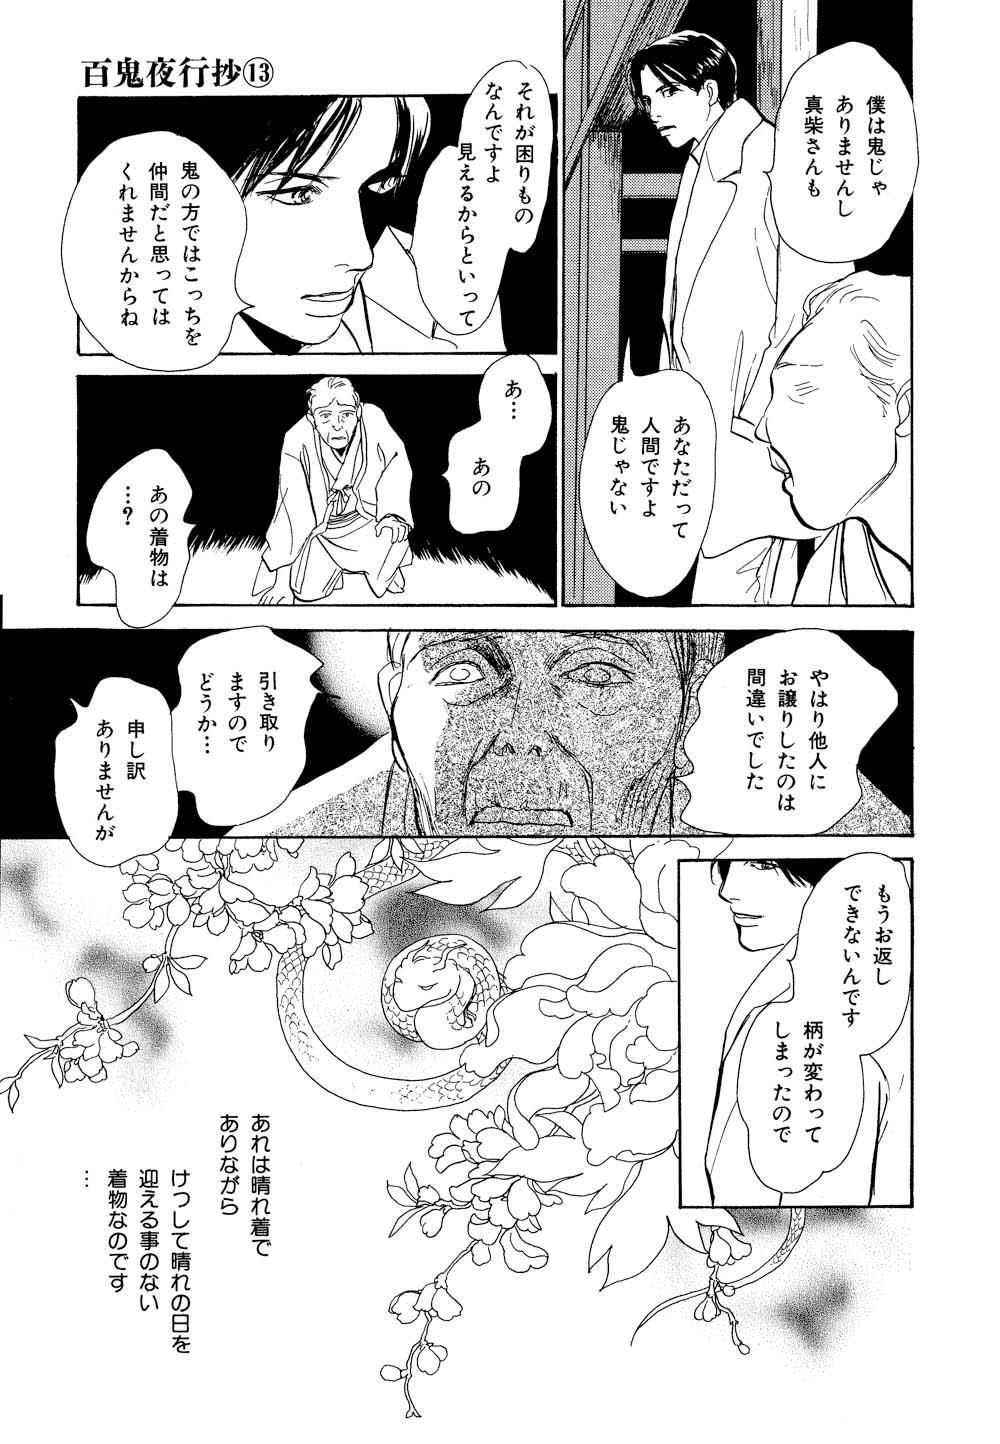 百鬼夜行抄_13_0111.jpg